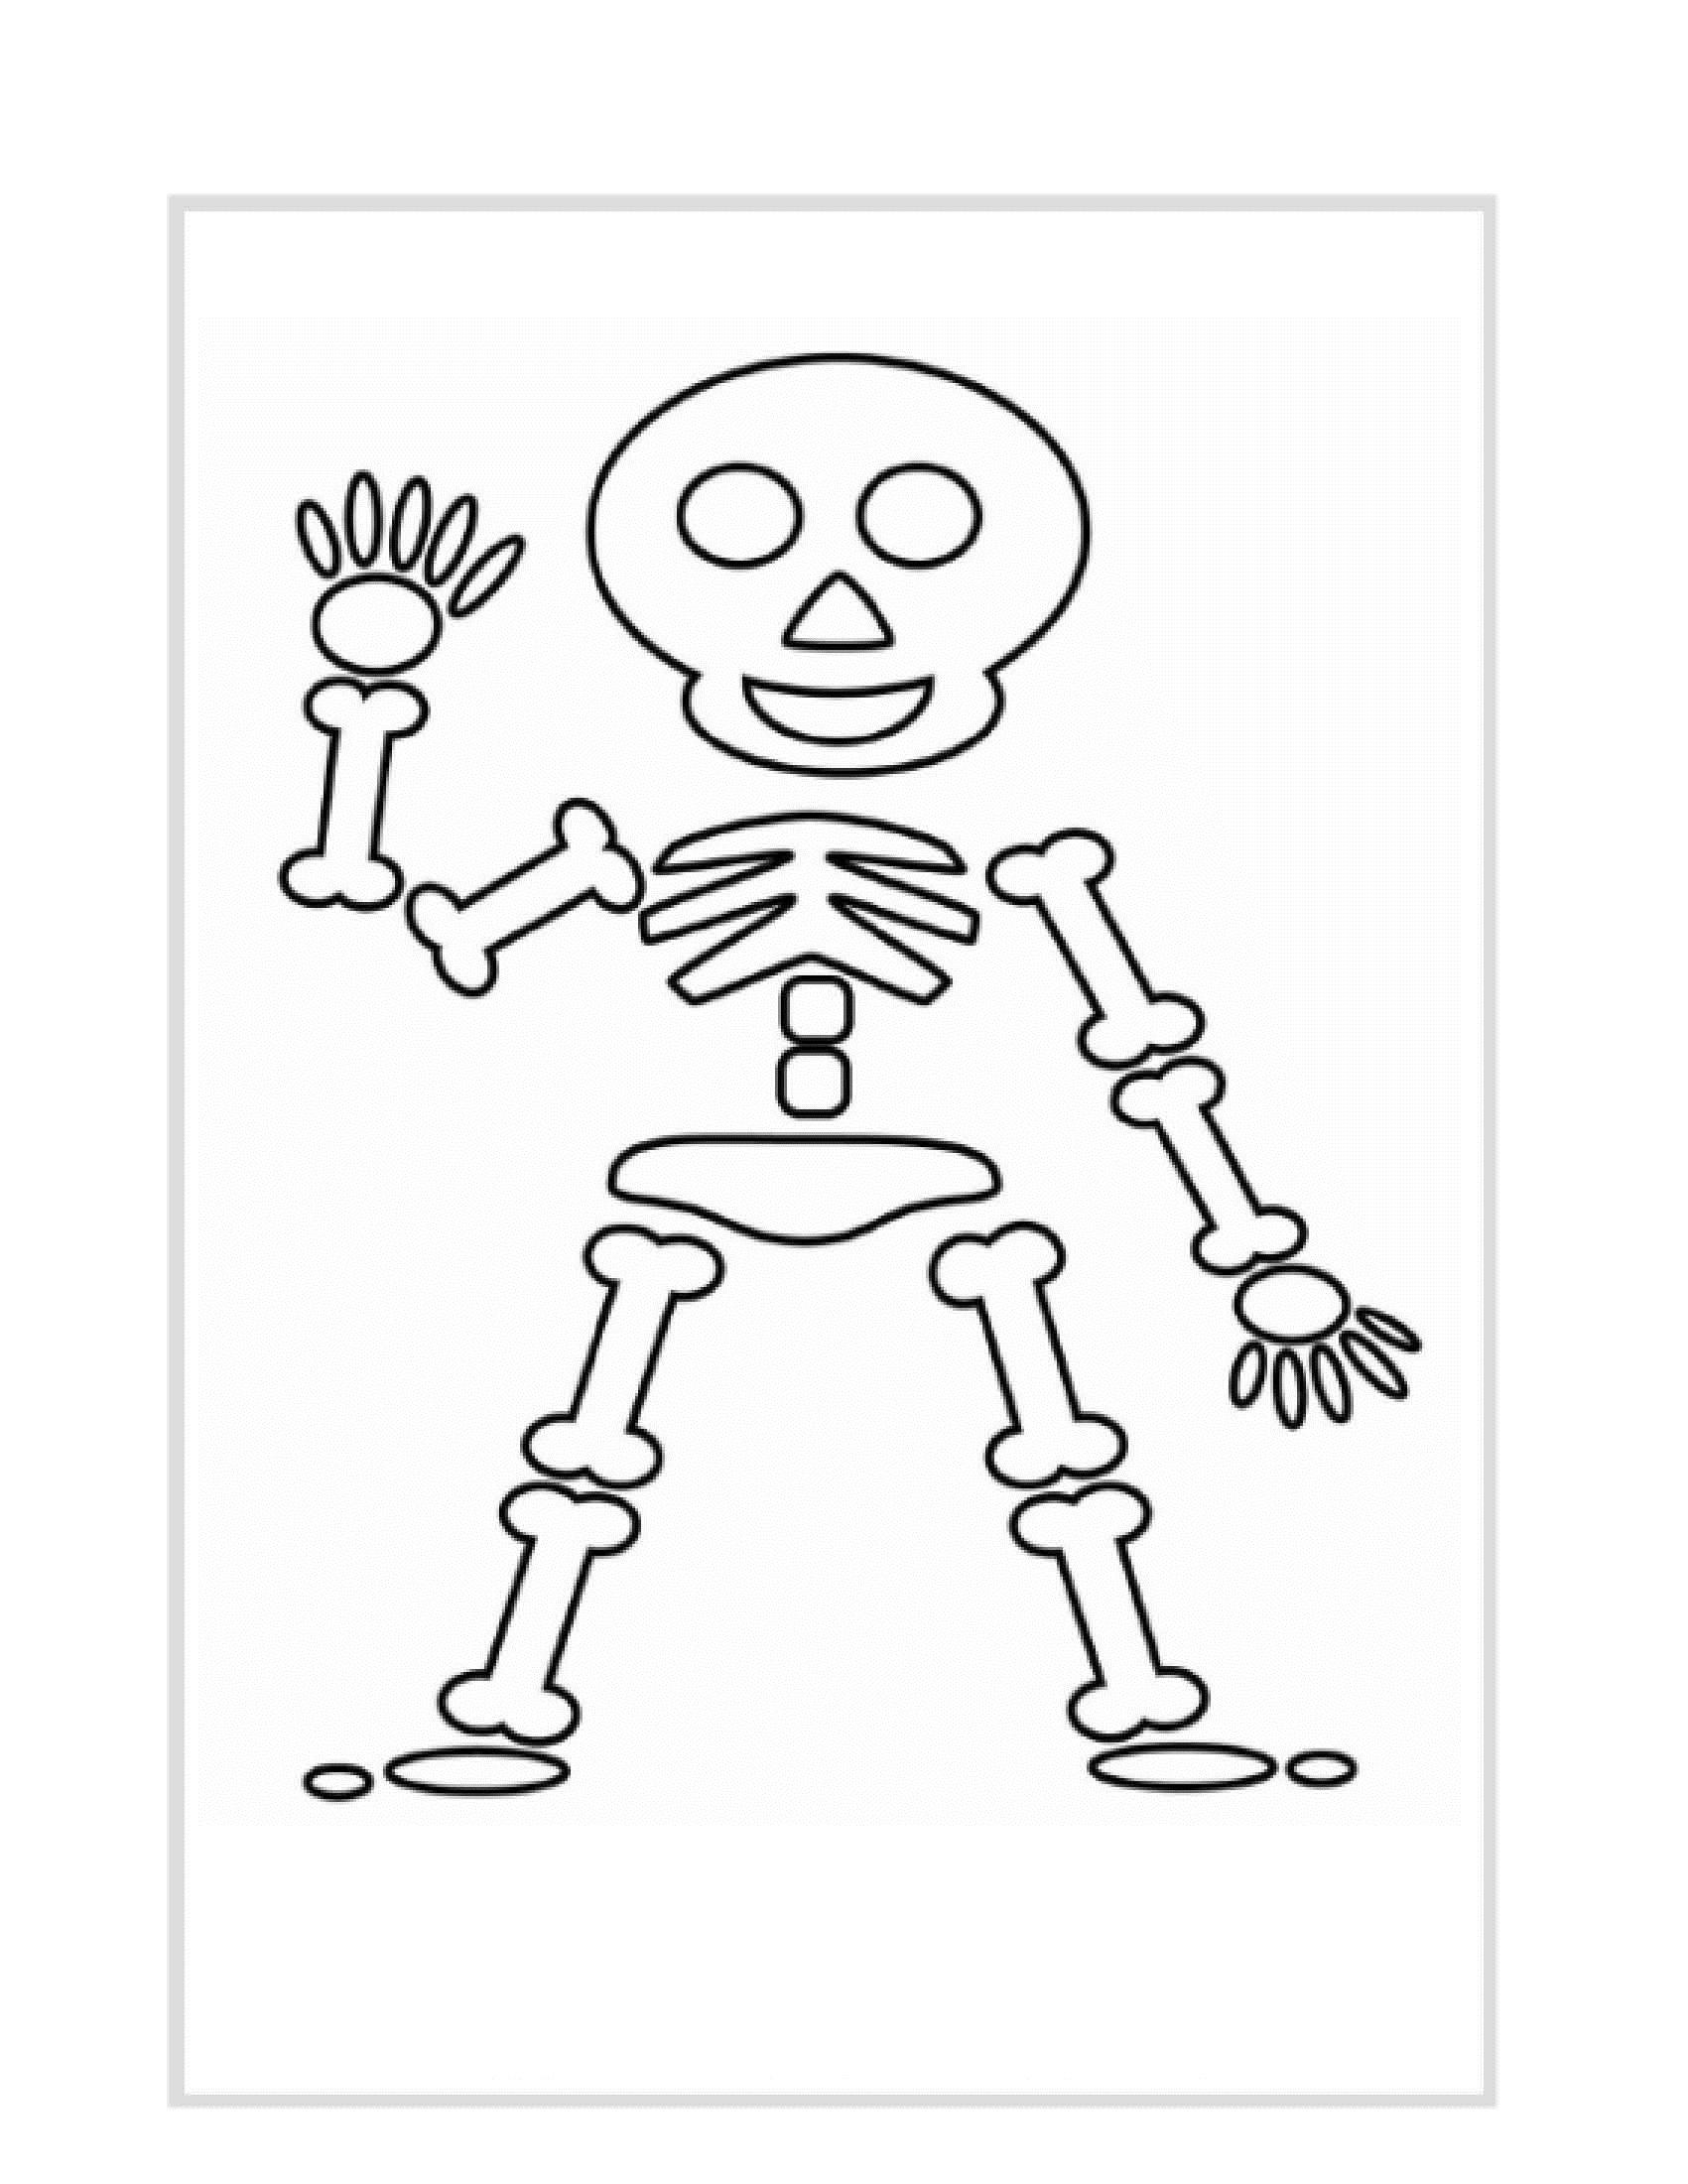 Simple Skeleton Drawing At Getdrawings